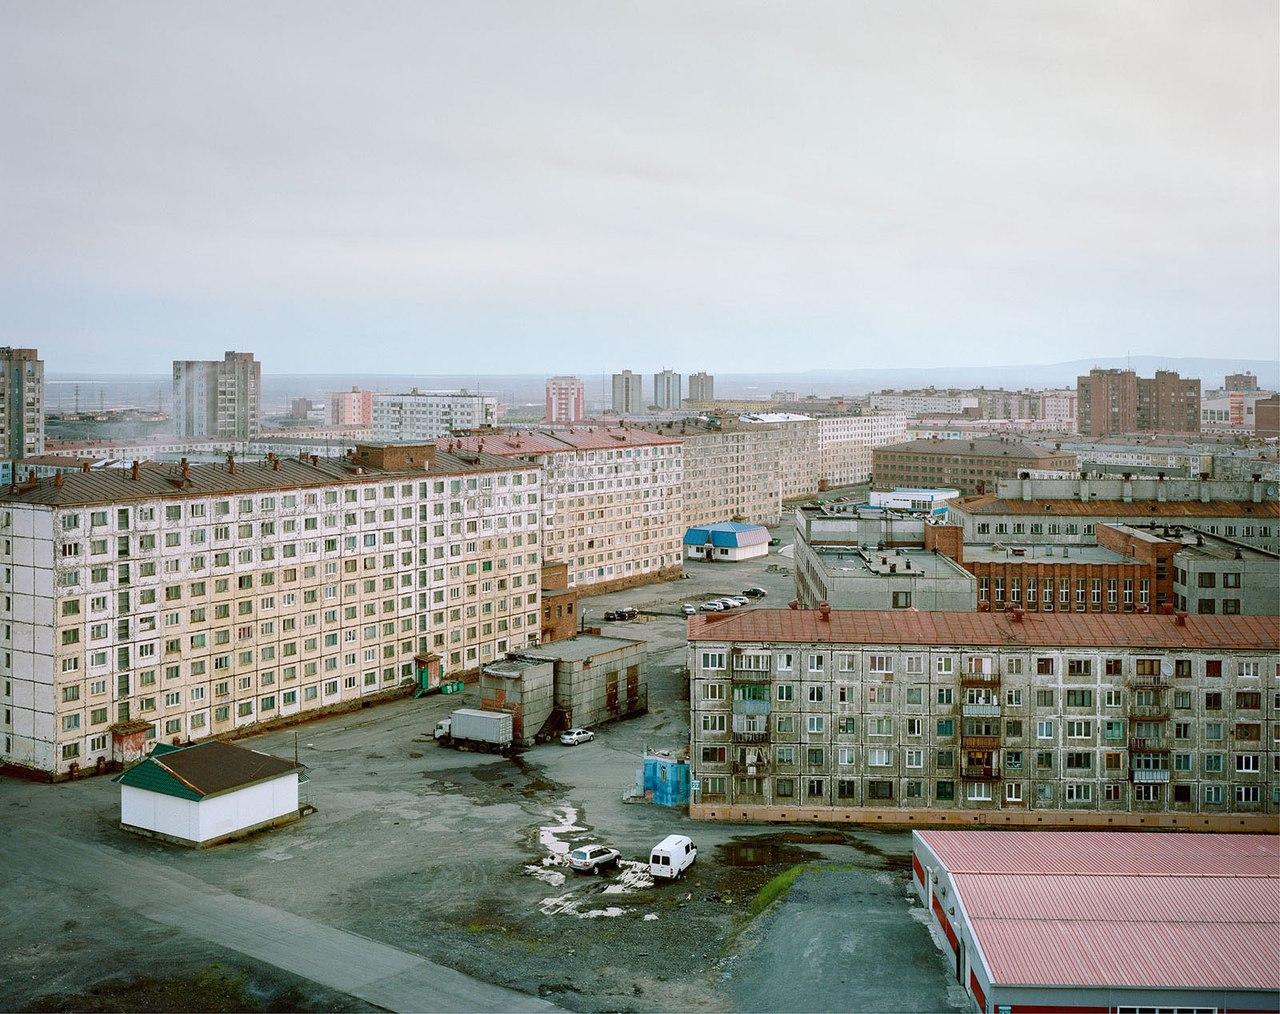 Норильск - северная столица российской металлургии